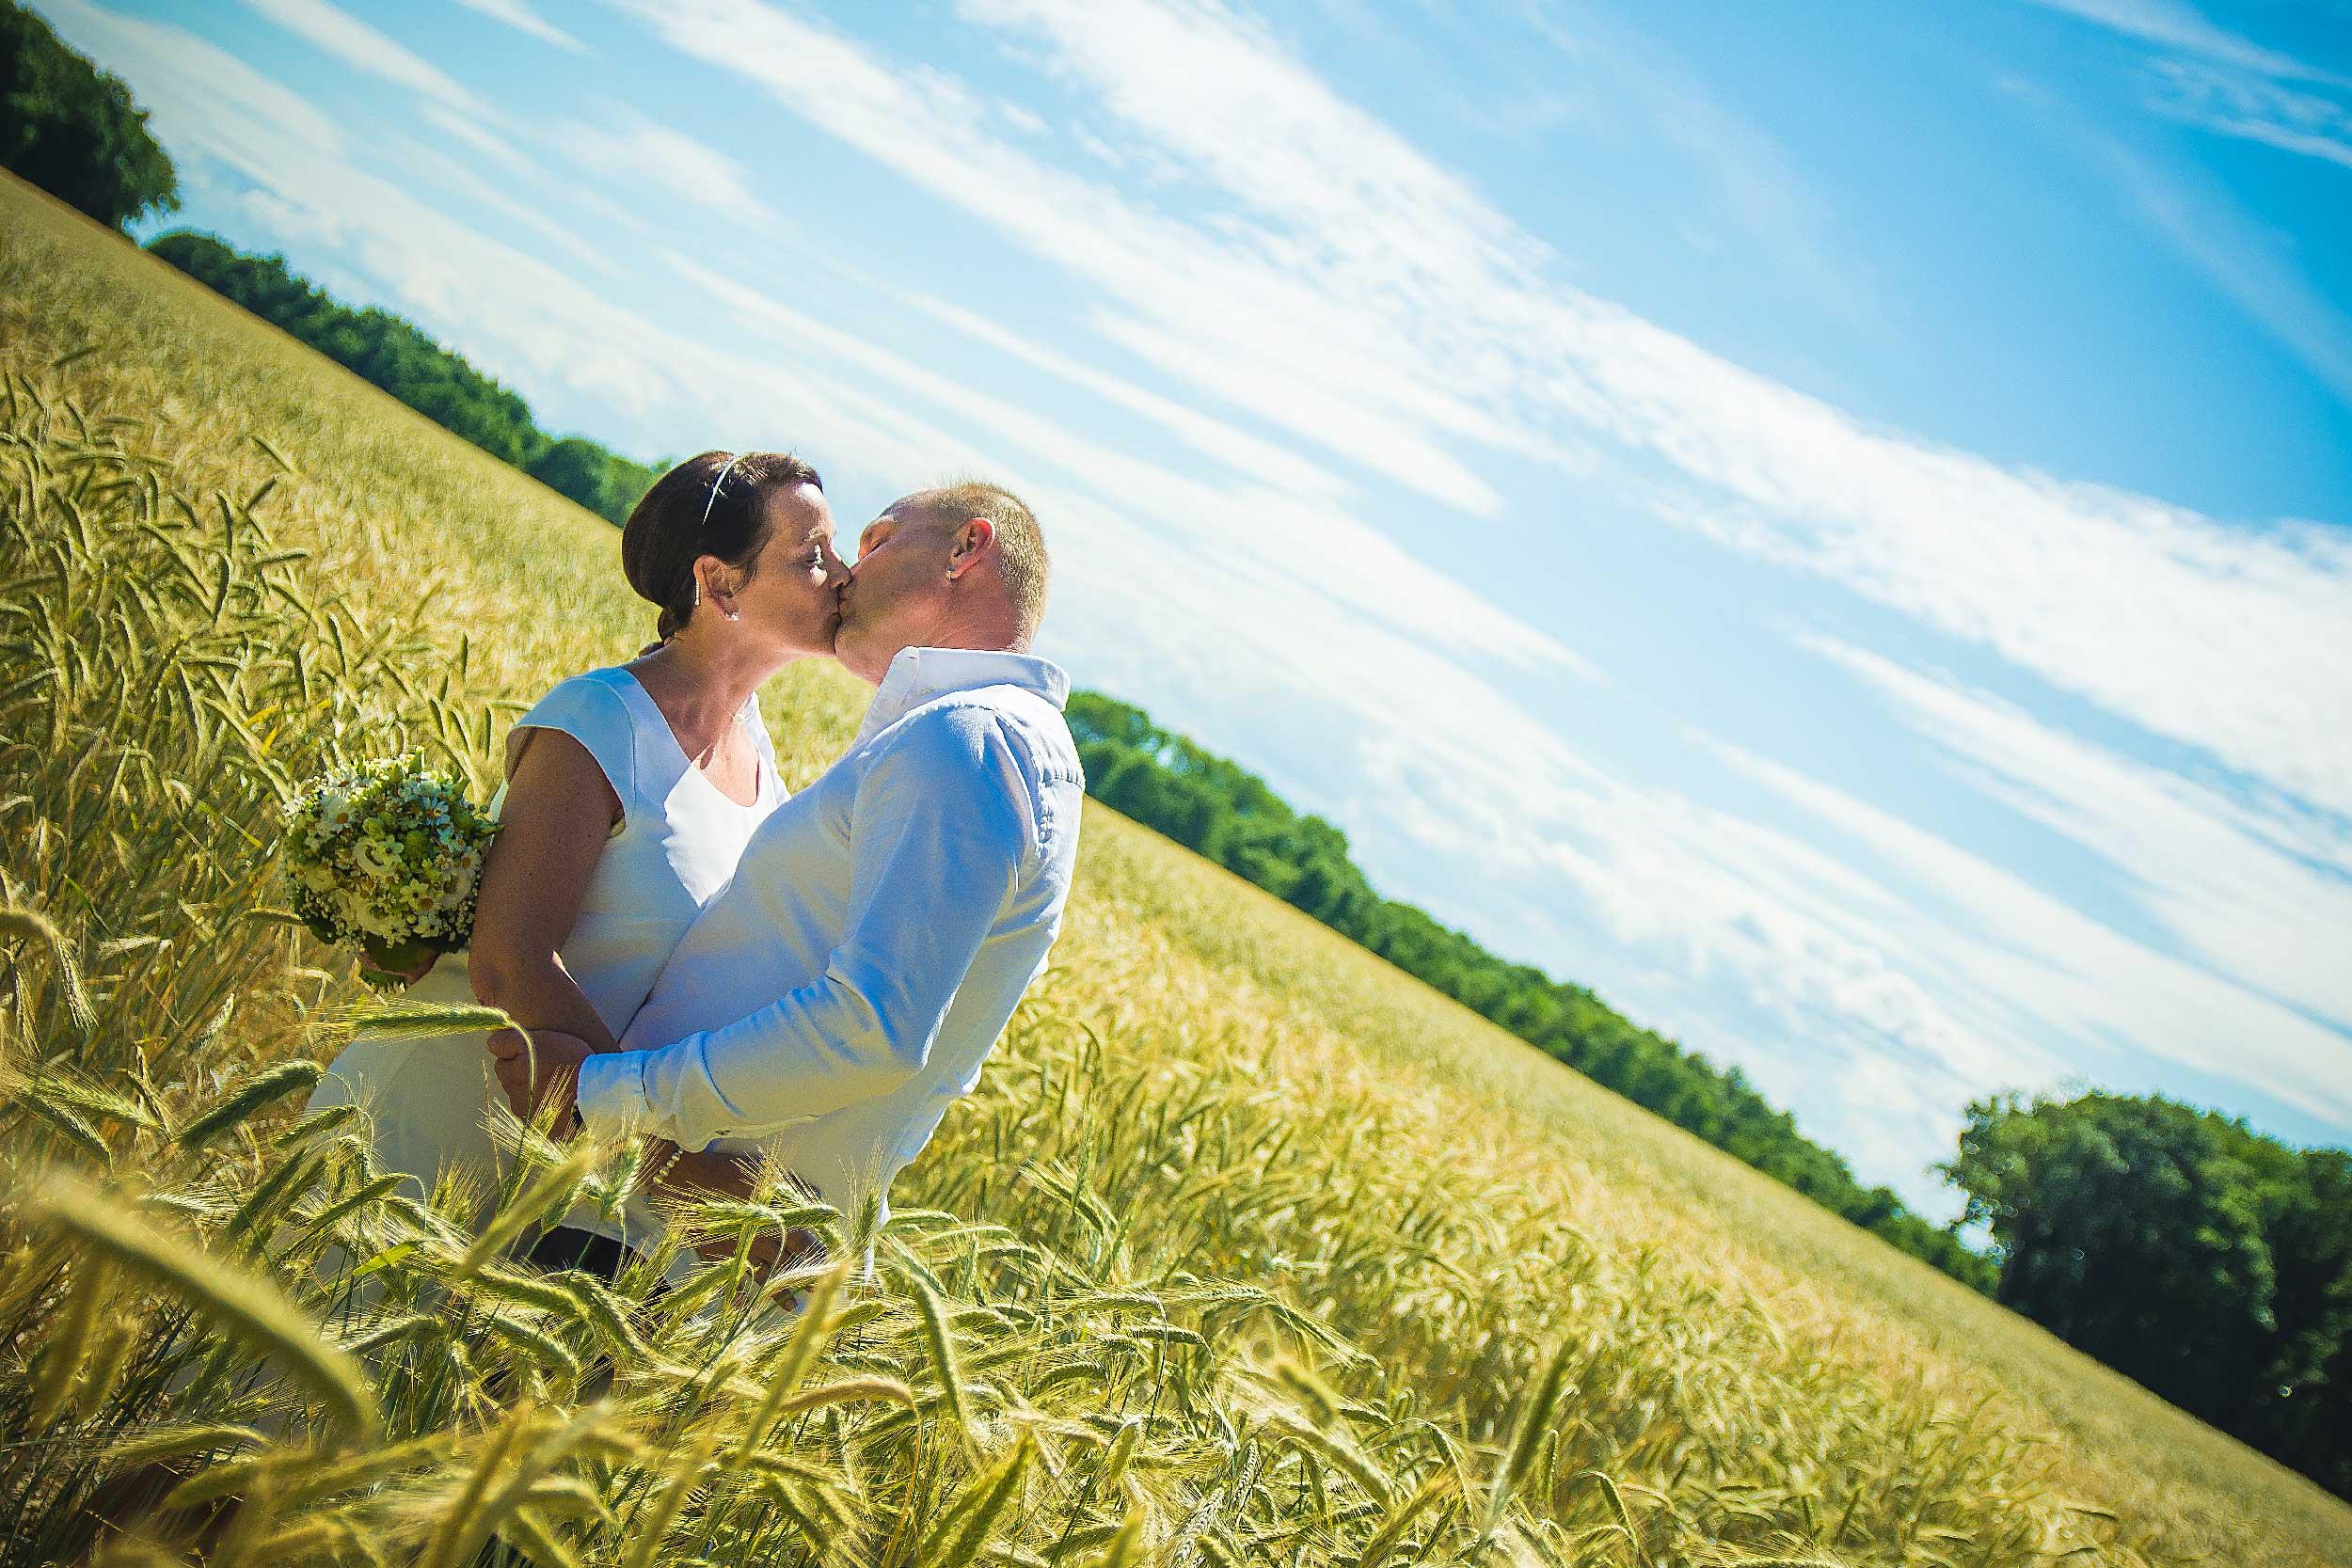 Hochzeitsfoto Wiese Kuss